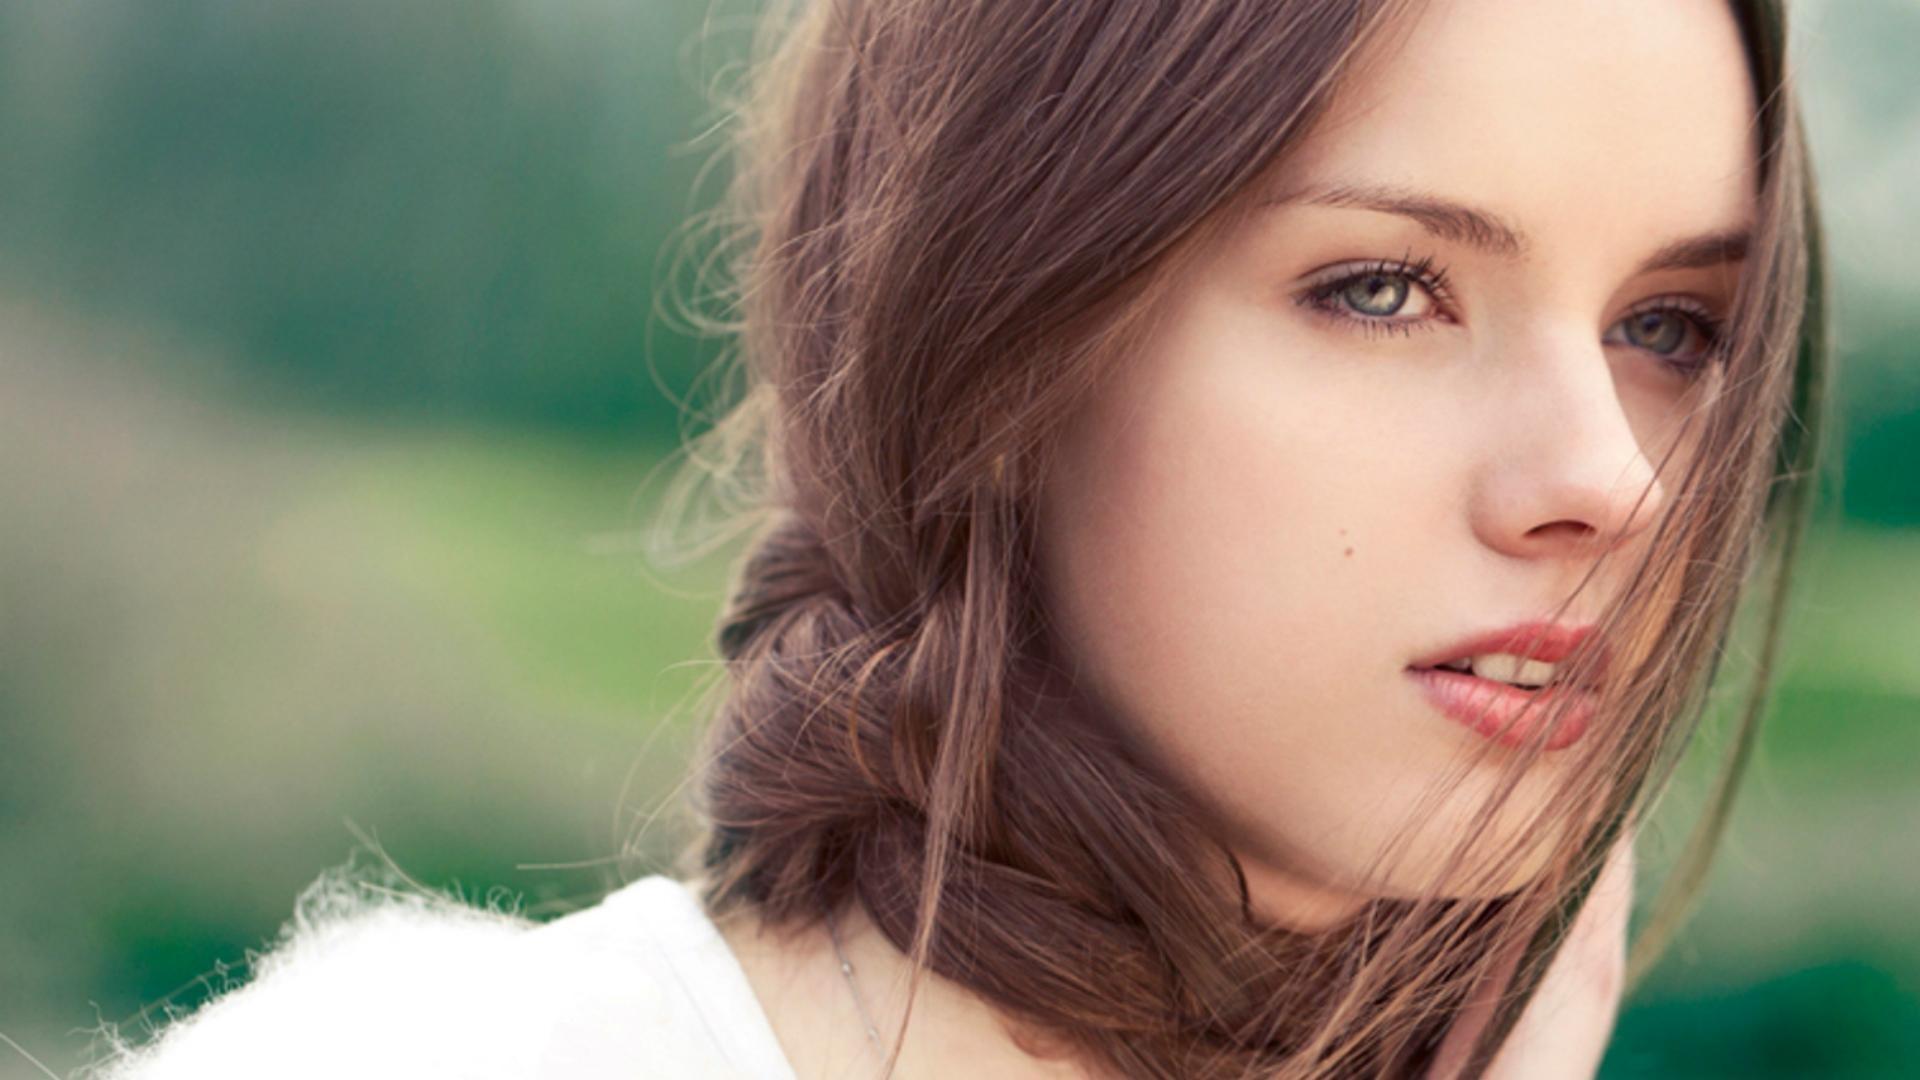 بالصور صور بنت جميلة , اجمل بنات قد تراها عينك 5005 11